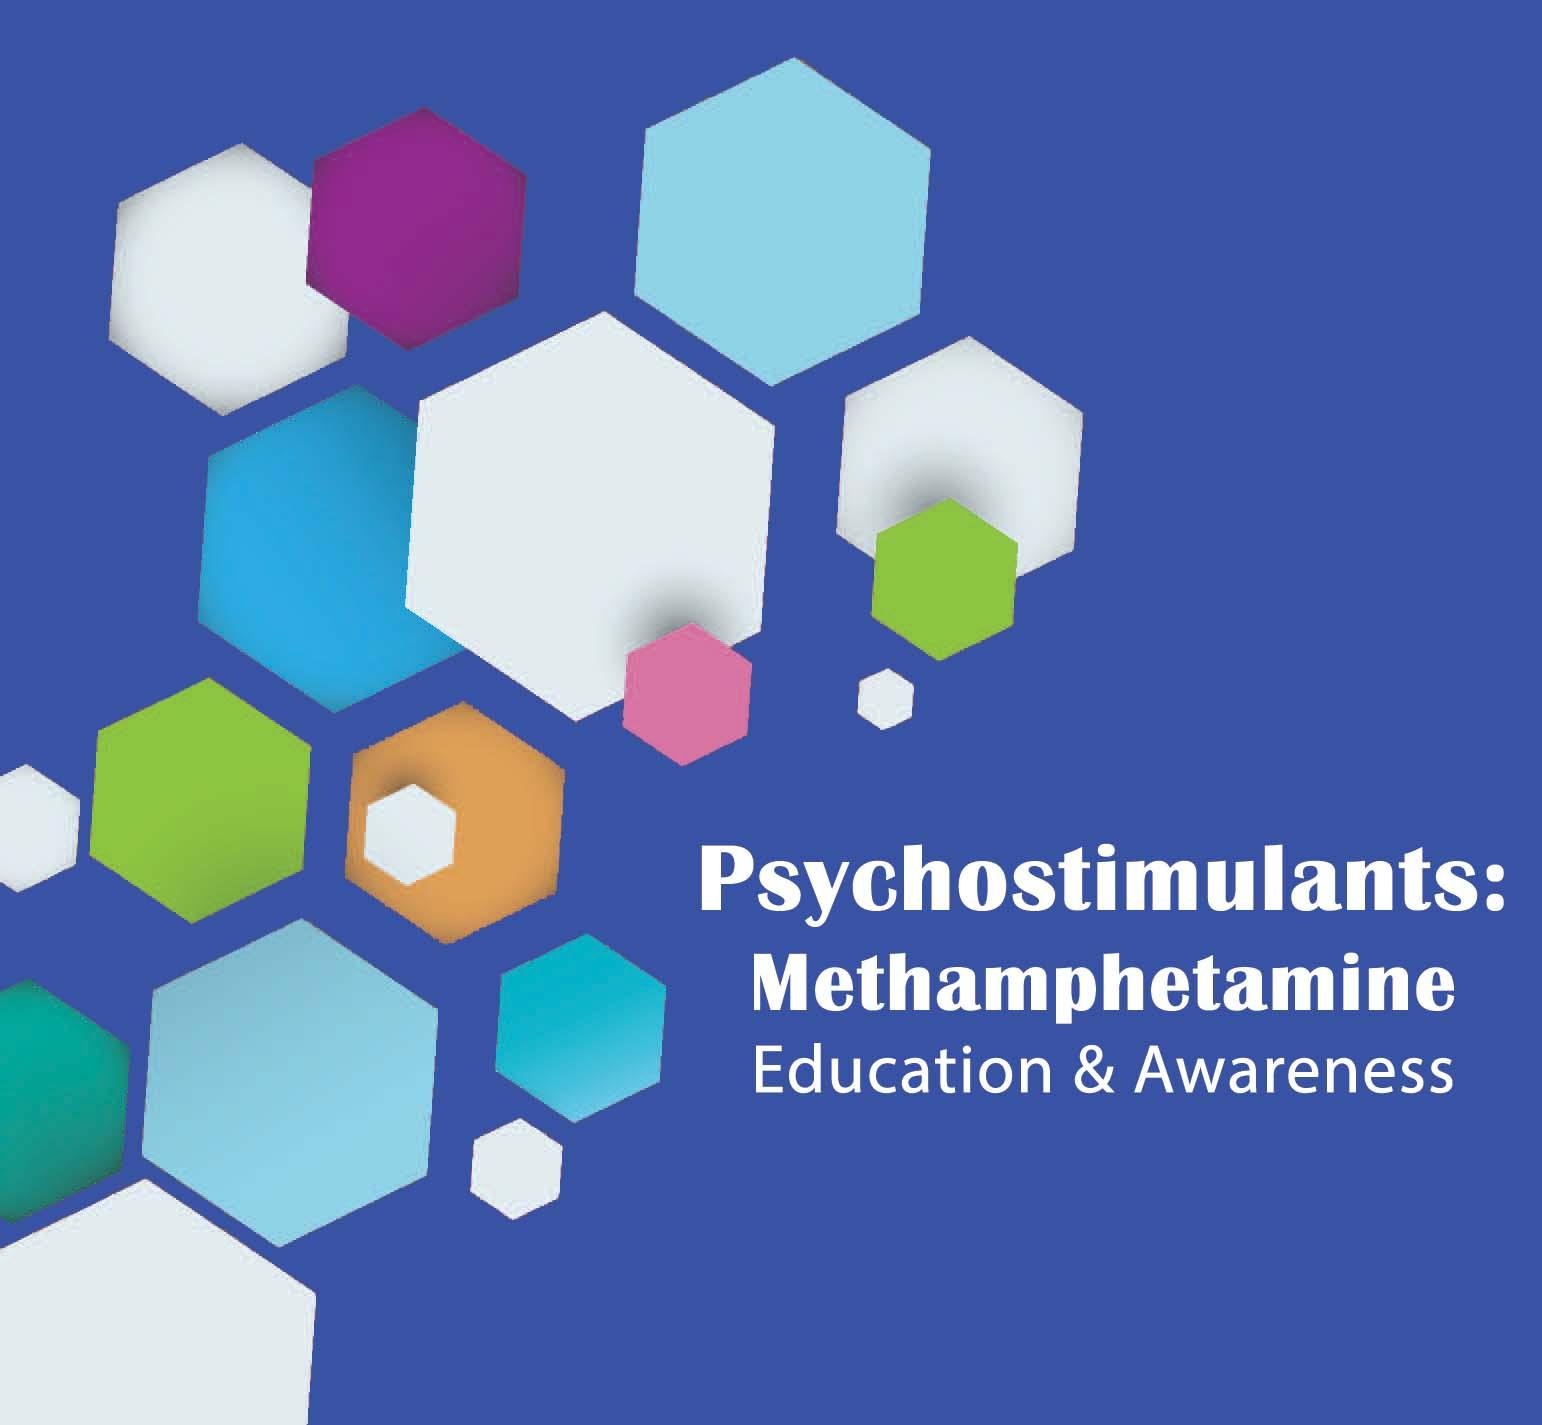 Psychostimulants: Methamphetamine